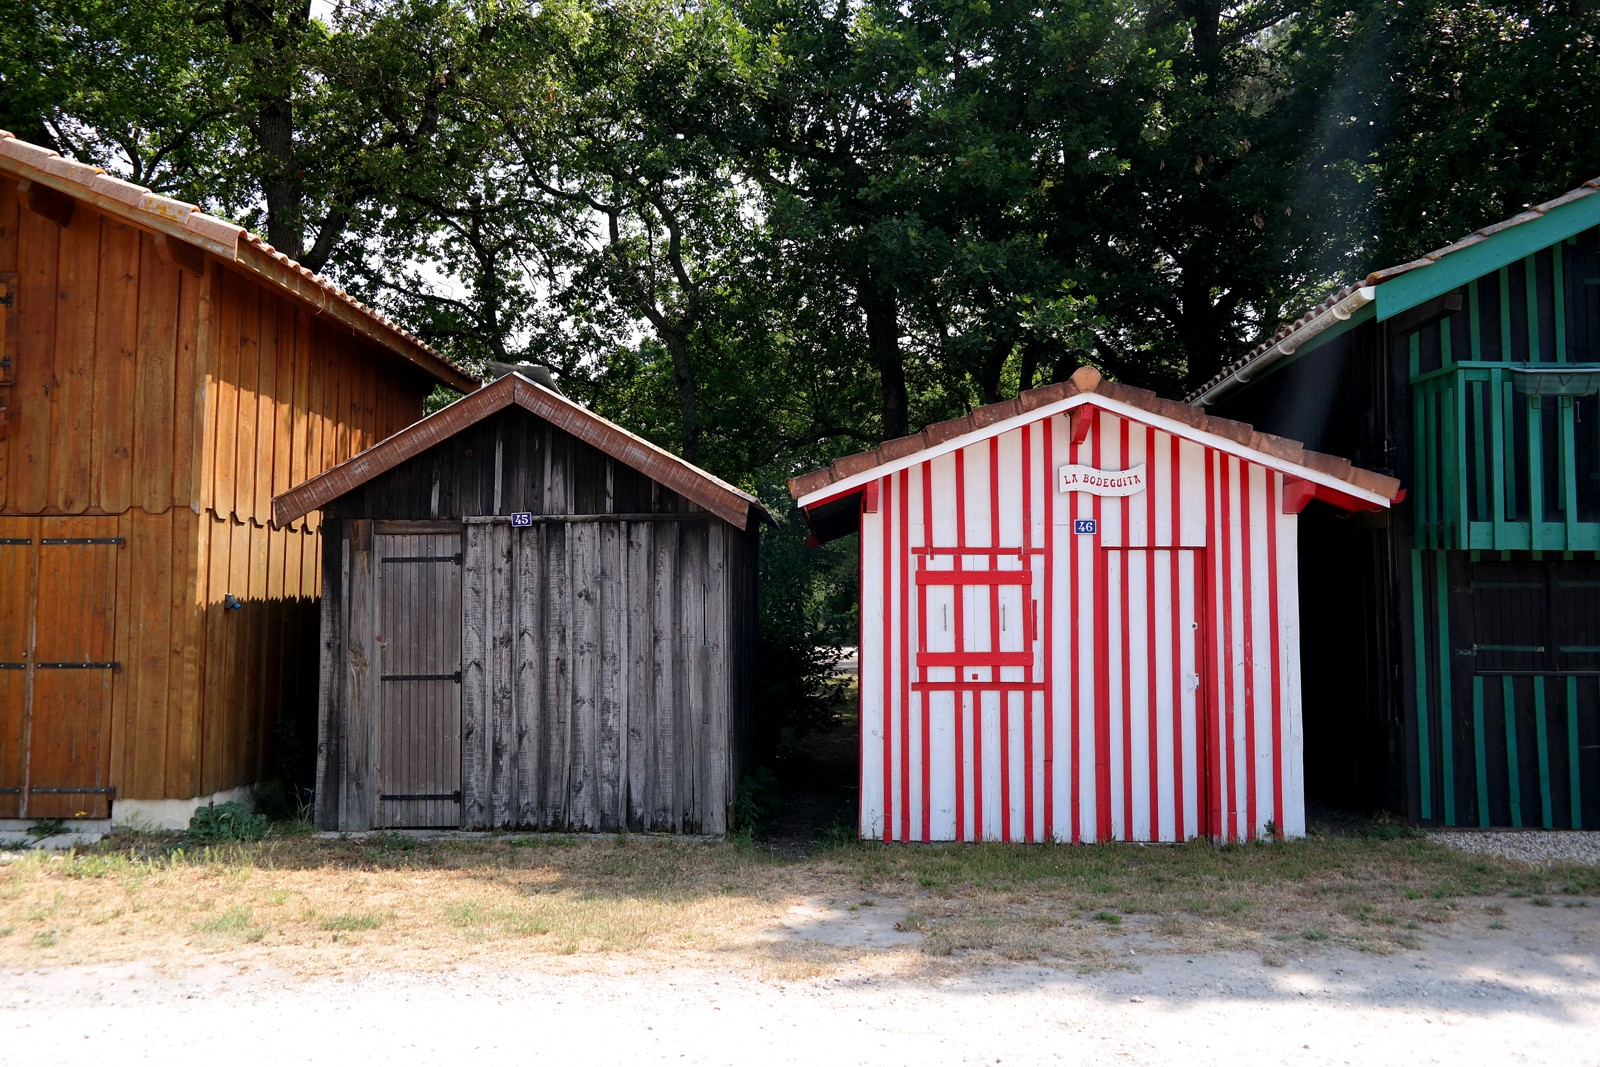 Cabane-colorée-en-bois-la-Bodeguita-berges-Port-de-Biganos-Bassin-d-arcachon-patrimoine-vraies-vacances-tourisme-Landes-de-Gascogne-Gironde-photo-by-united-states-of-paris-blog